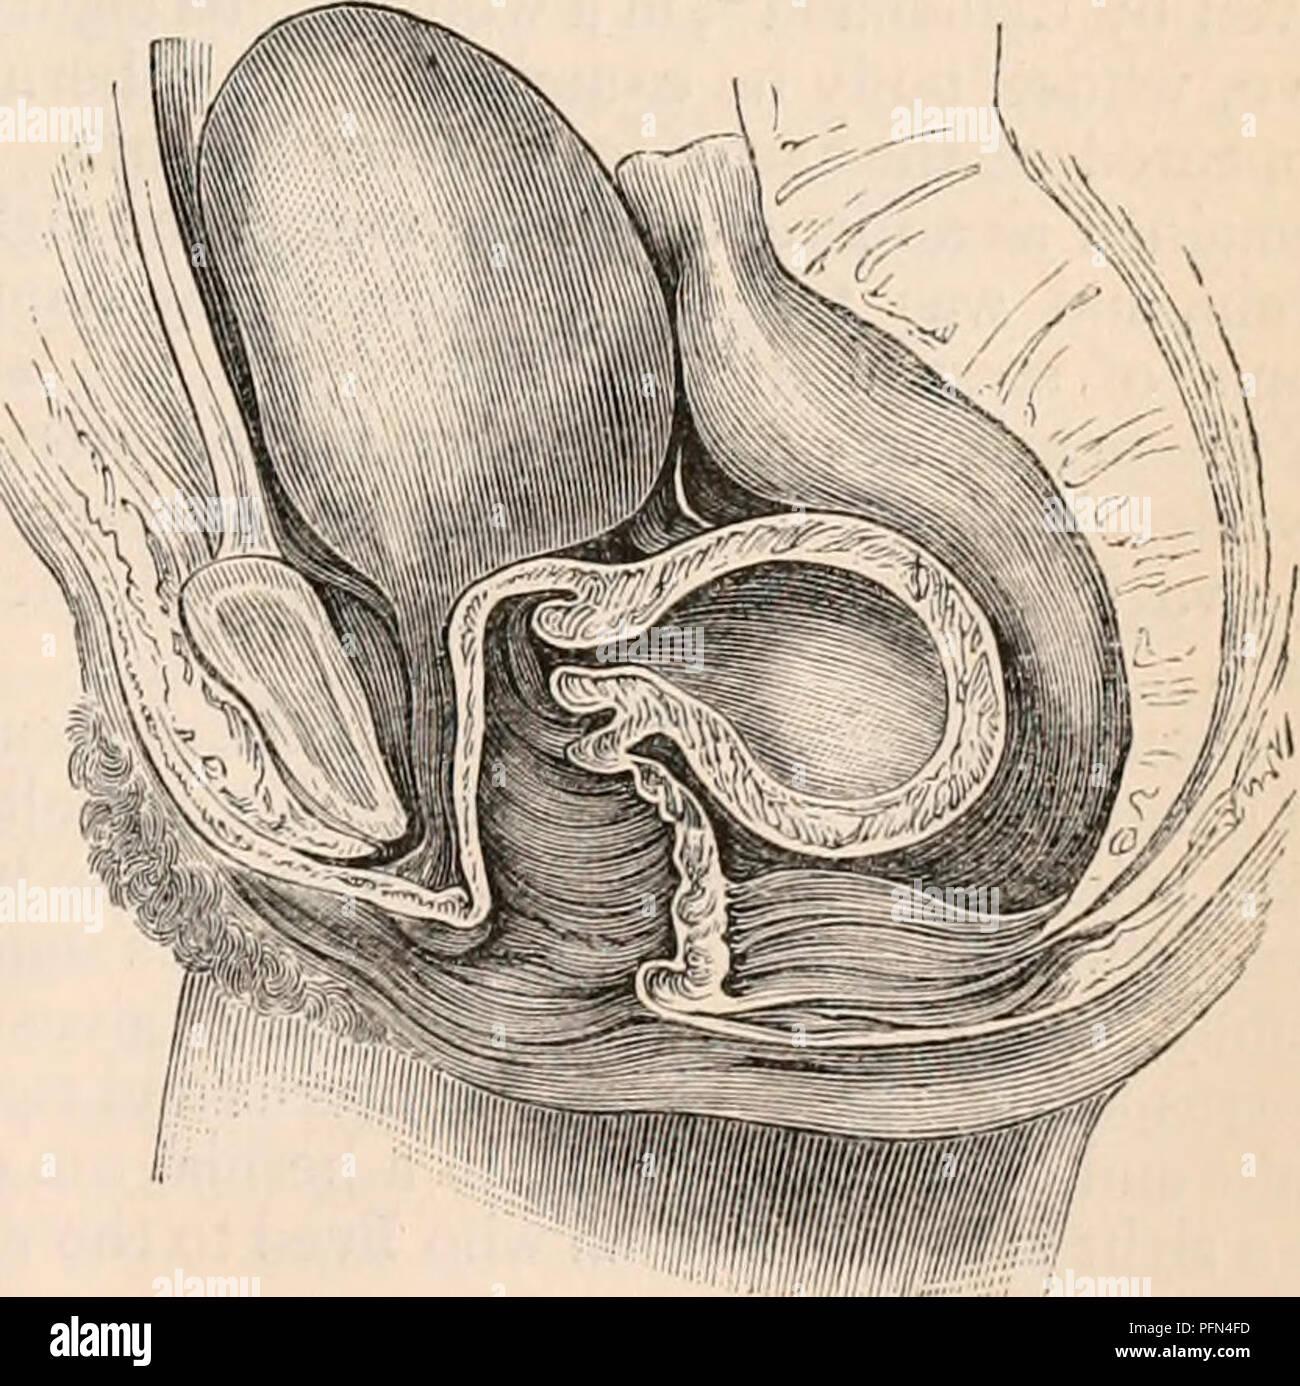 Fundus Of Uterus Imágenes De Stock & Fundus Of Uterus Fotos De Stock ...